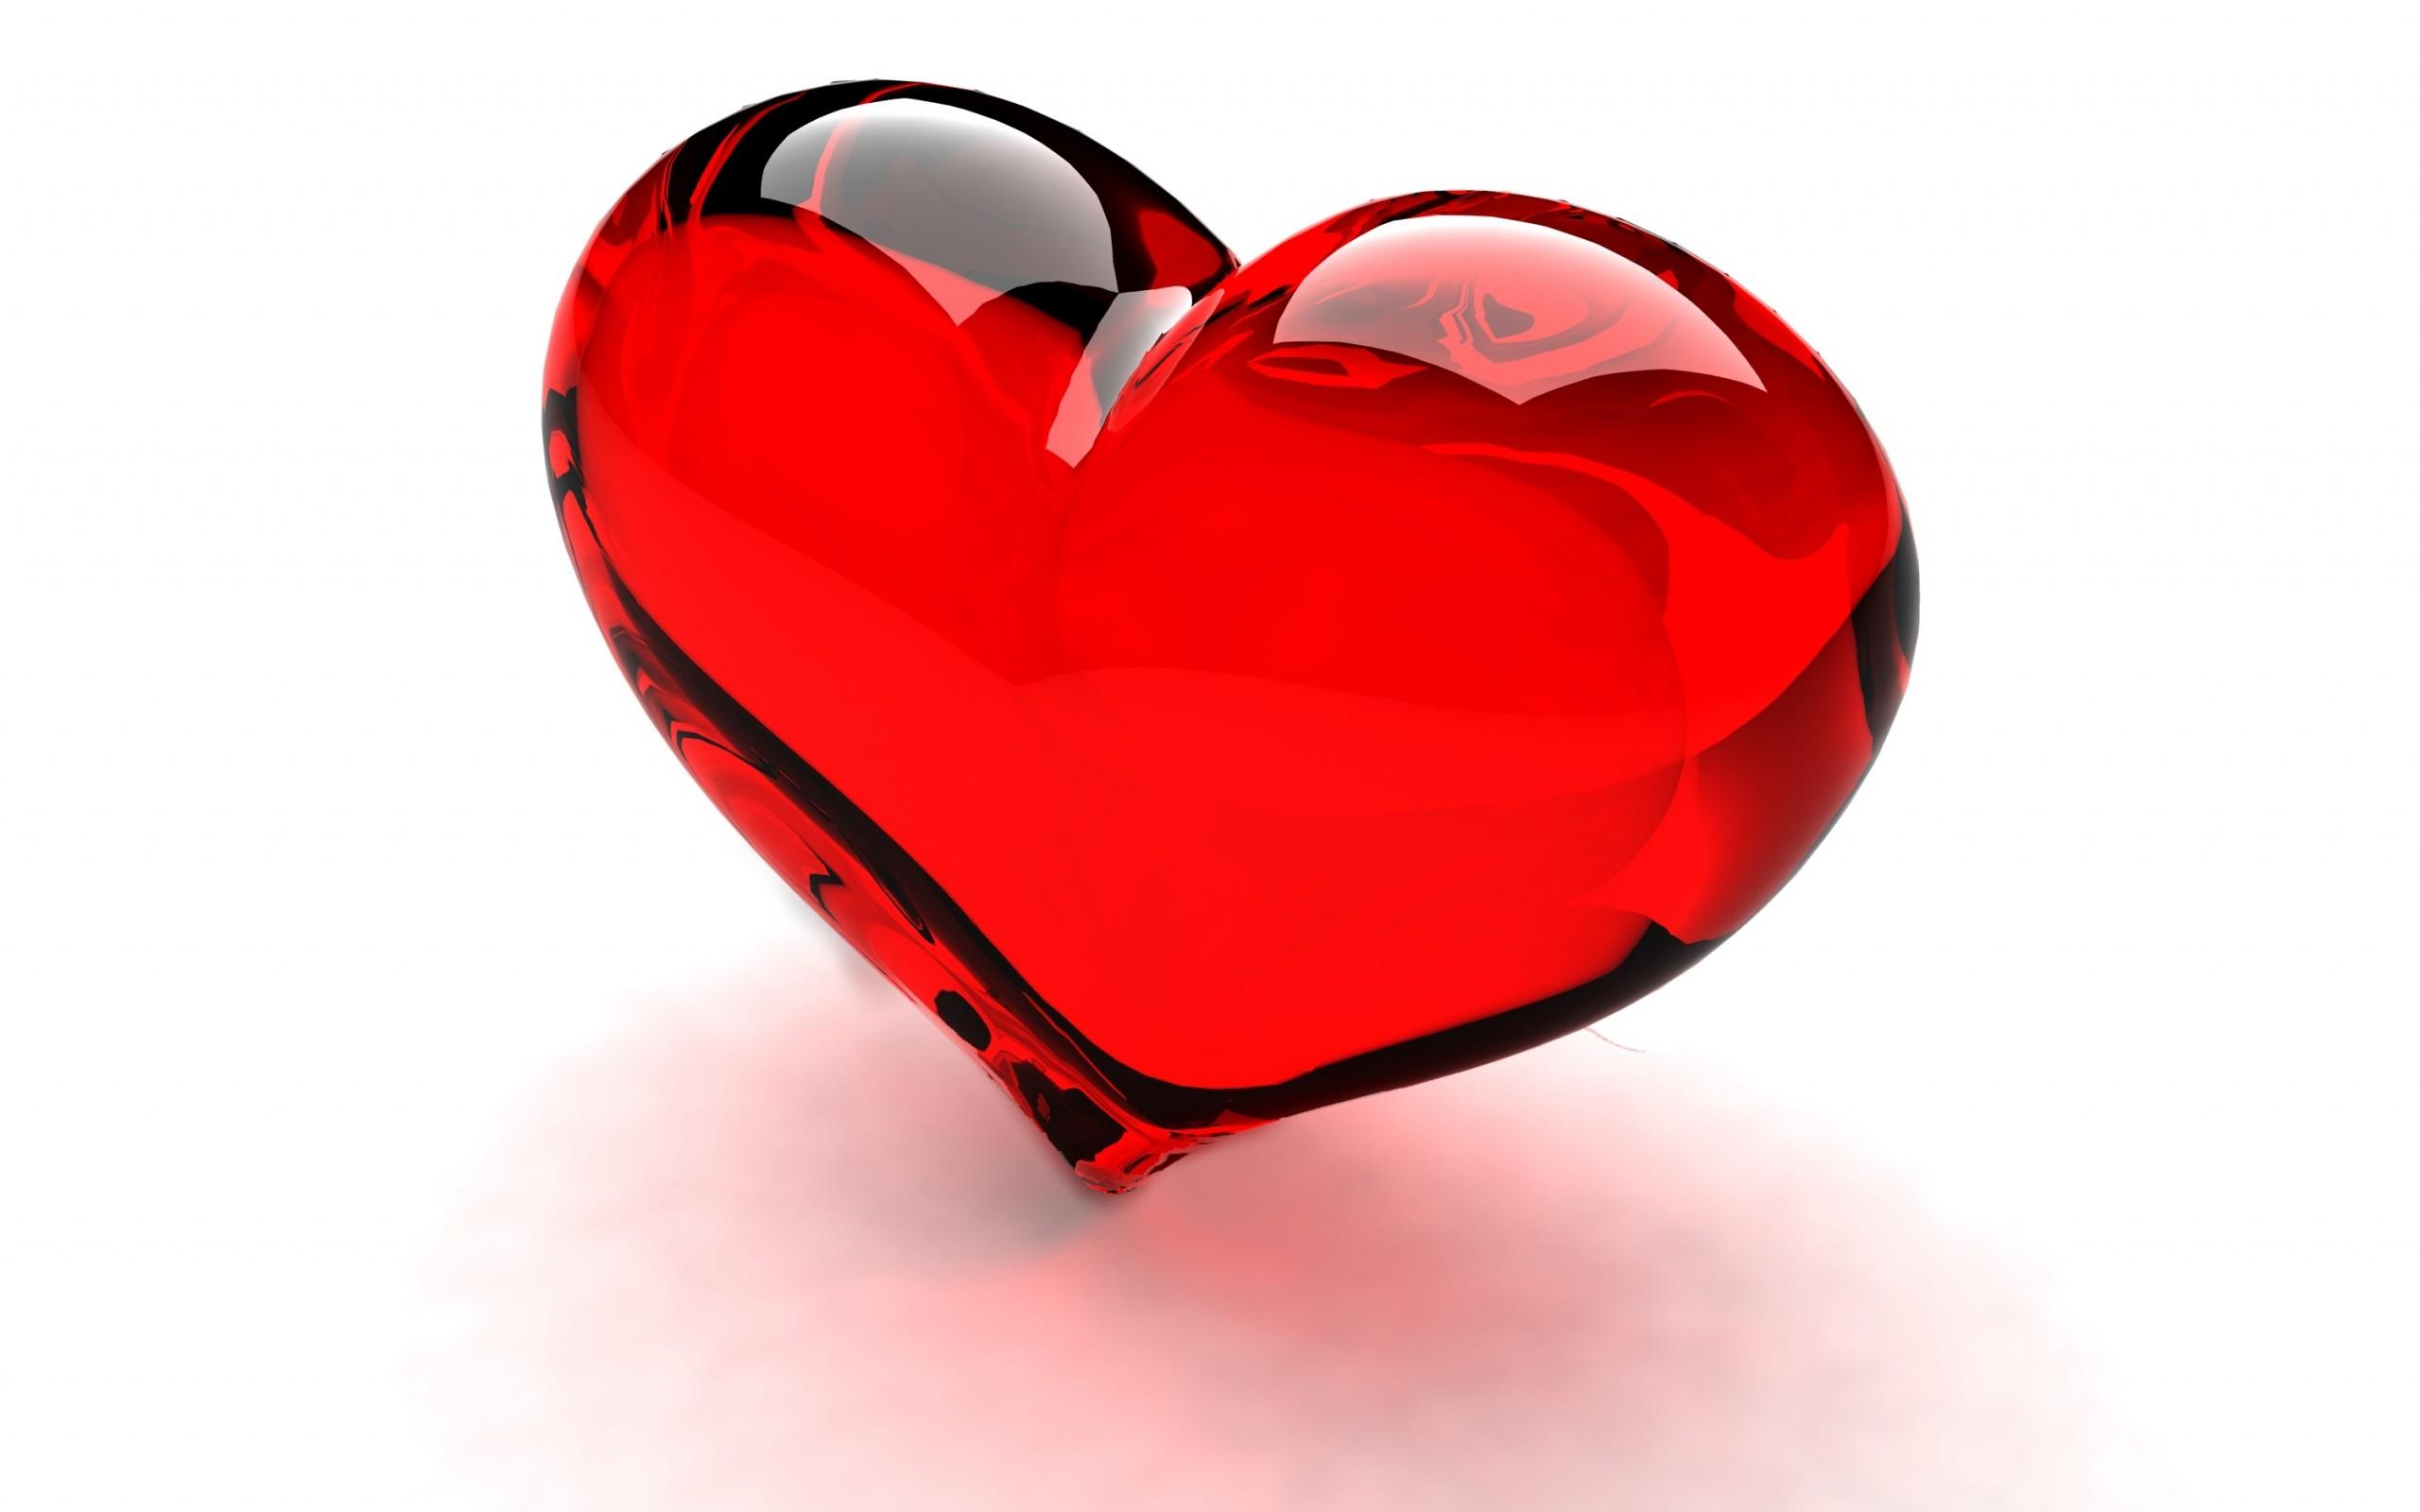 Самые красивые картинки сердец